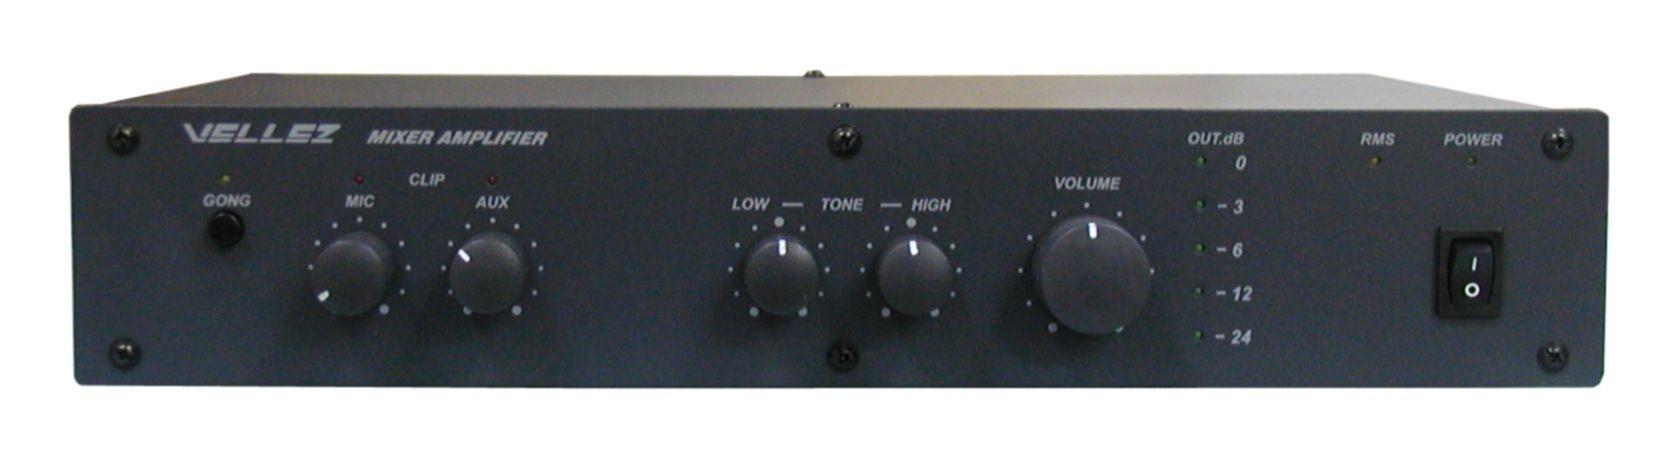 Усилитель-микшер Vellez 80ПП024М -